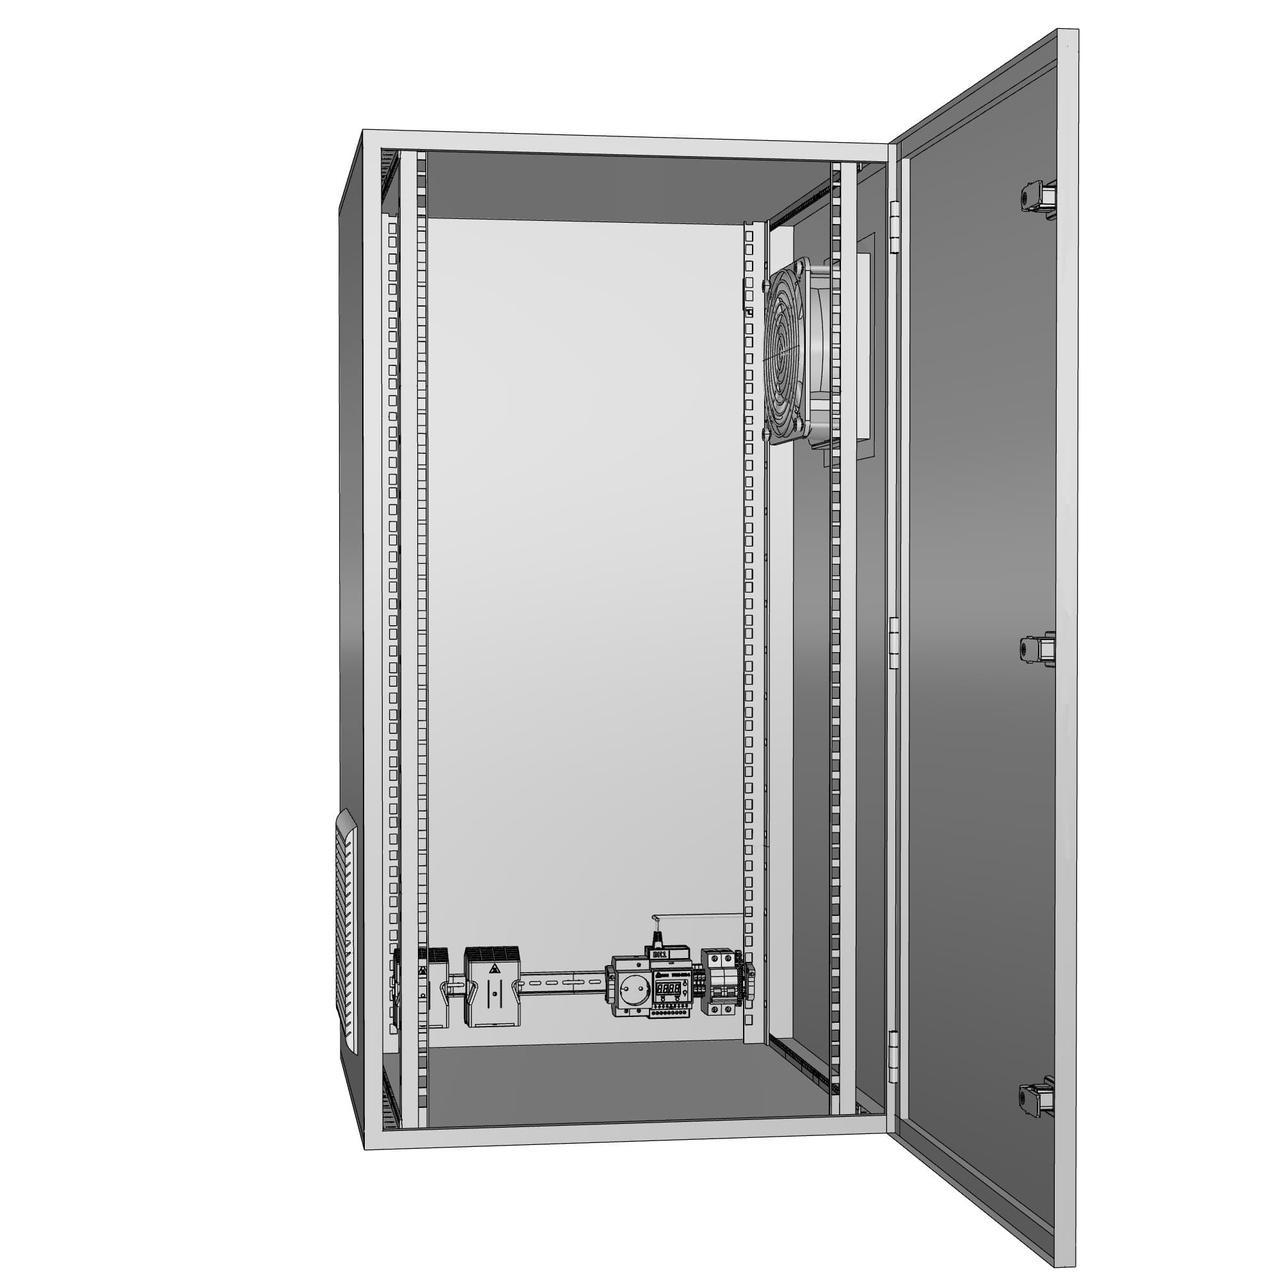 Щит климатический утеплённый с обогревом ЩКу- О- 03 - 600×400×200 (В×Ш×Г) IP65